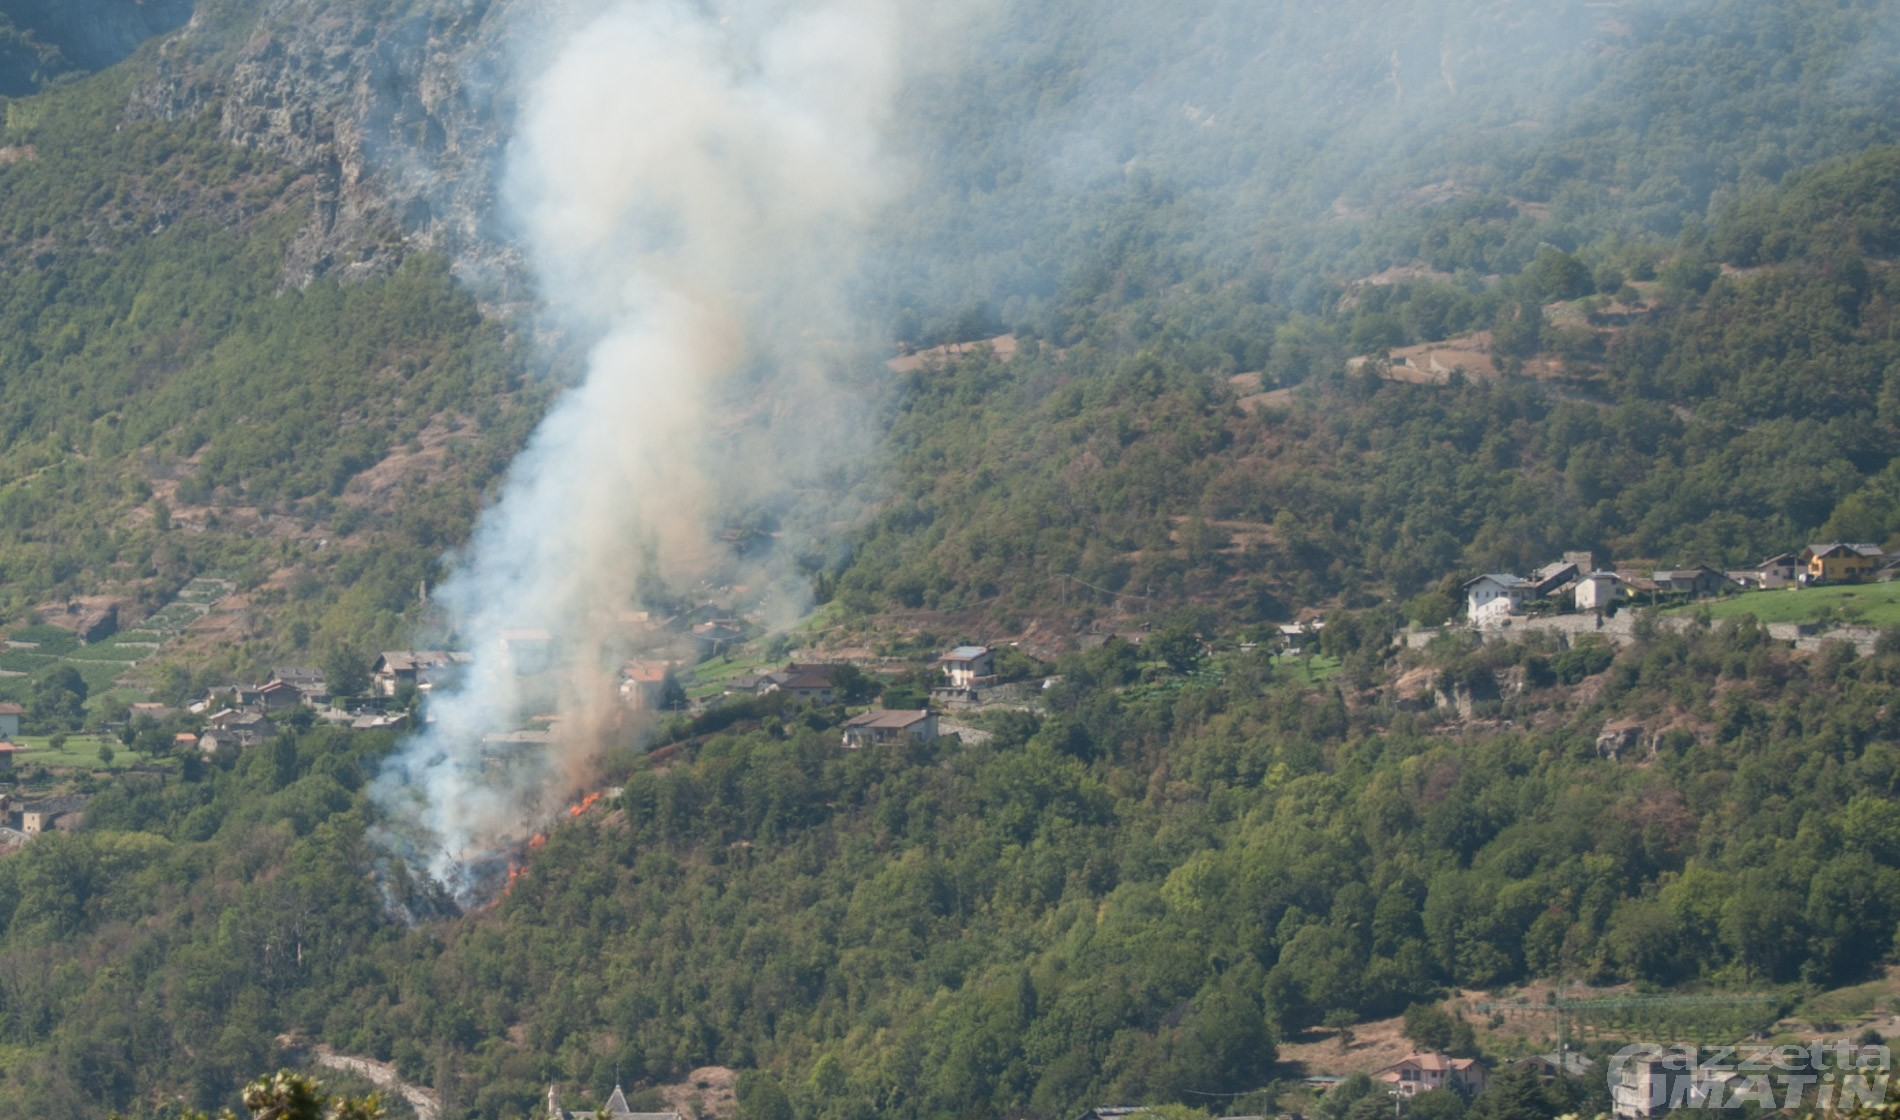 Châtillon, incendio boschivo minaccia alcune abitazioni: intervengono i Vigili del fuoco